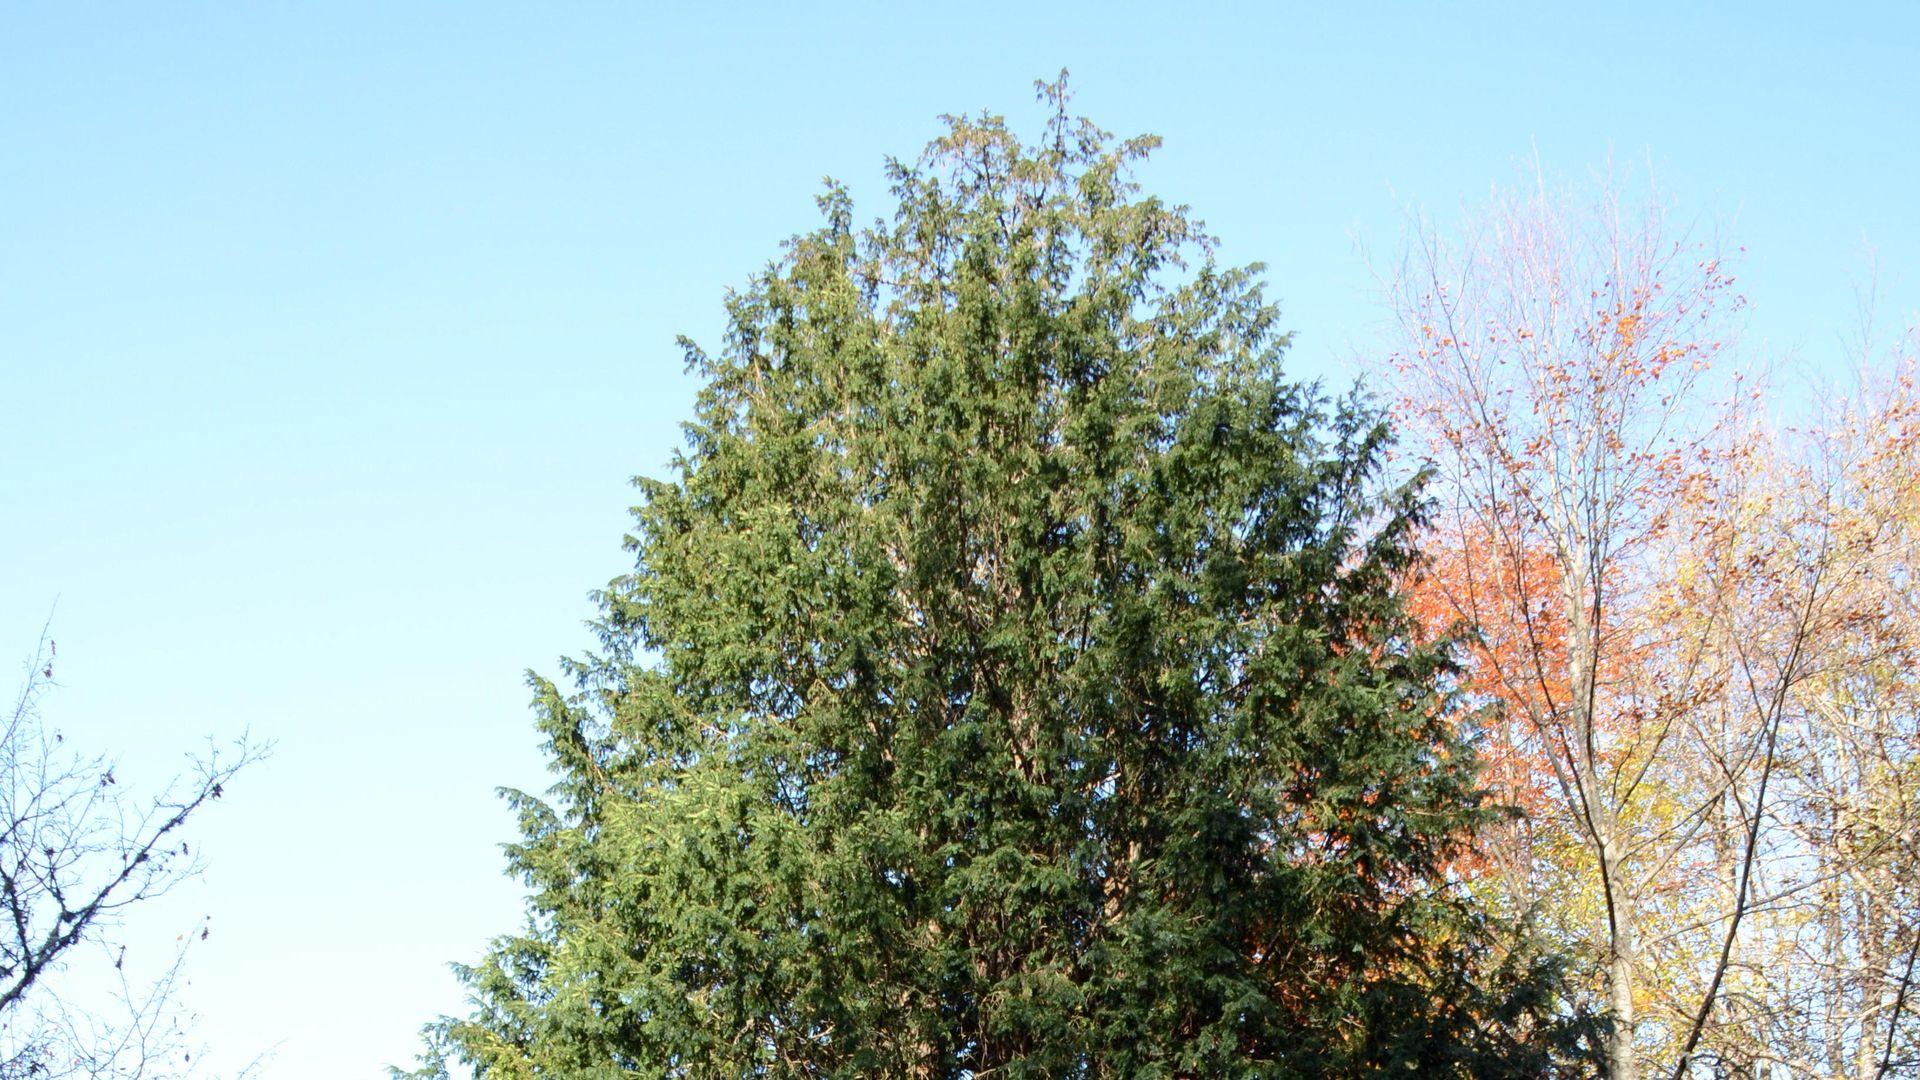 4117 yaşındaki porsuk ağacı Anıt Ağaçlar kitabına girdi